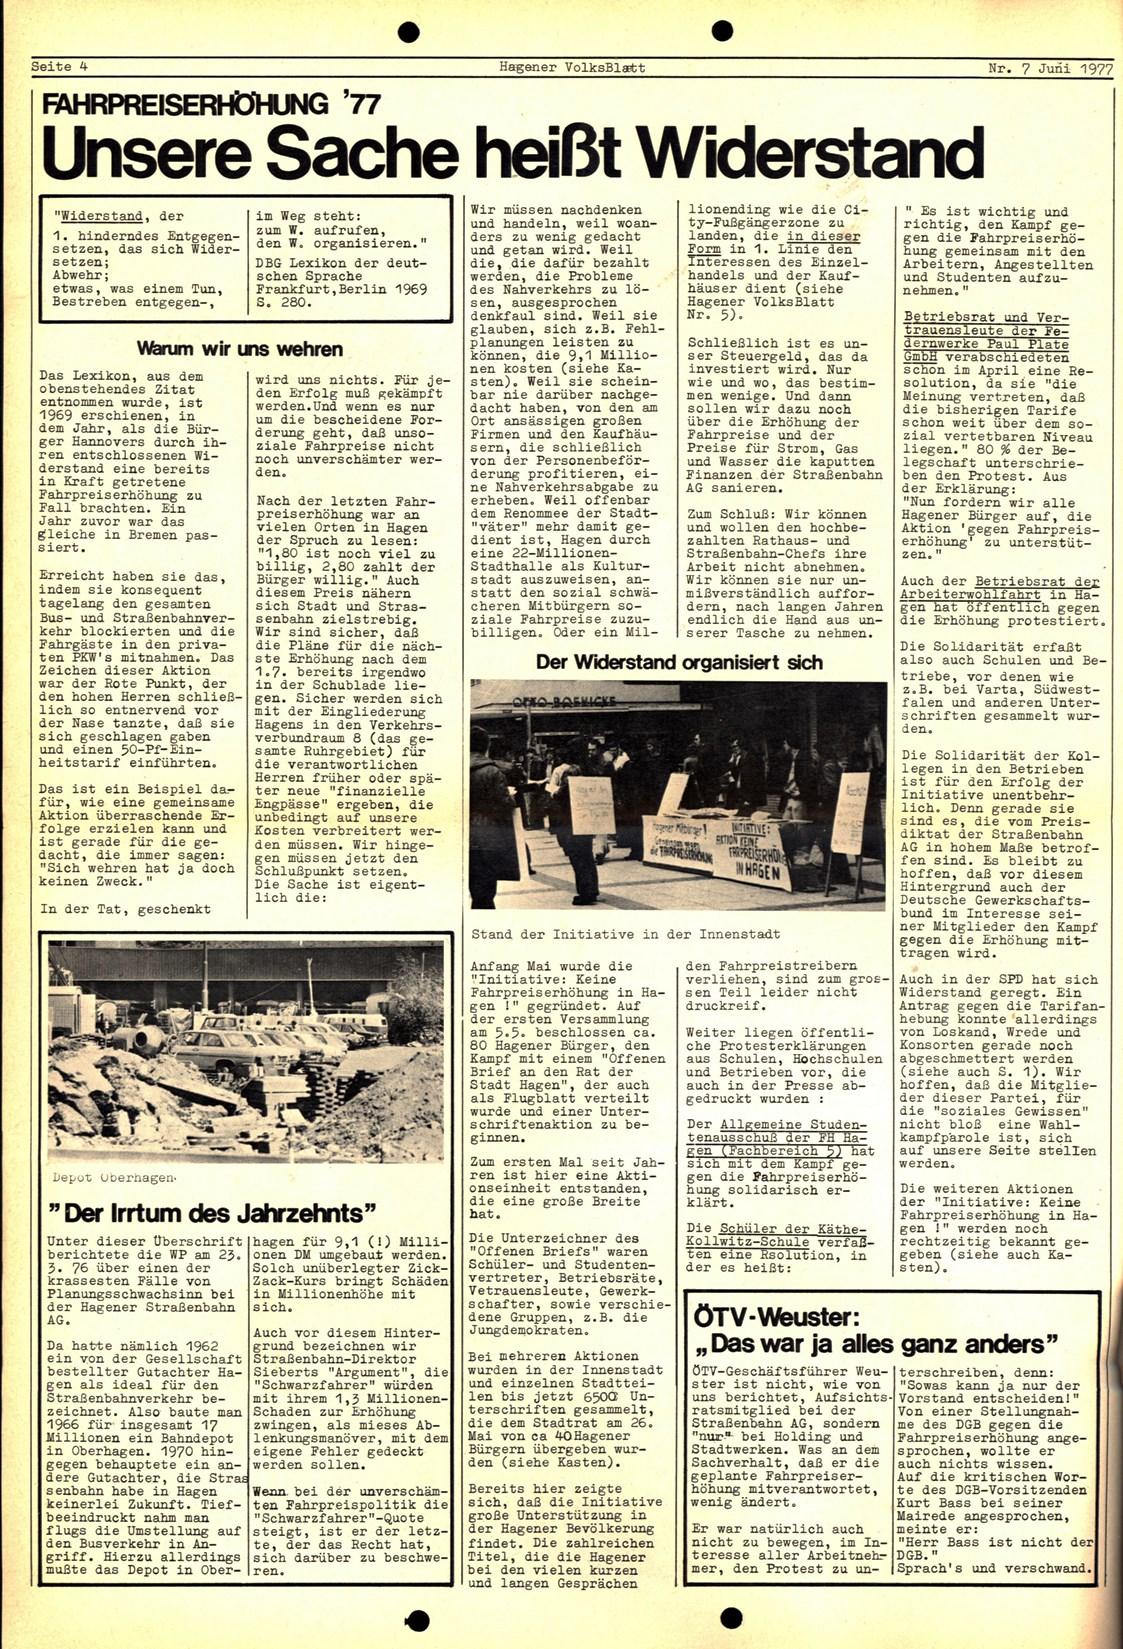 Hagen_Volksblatt_19770600_04